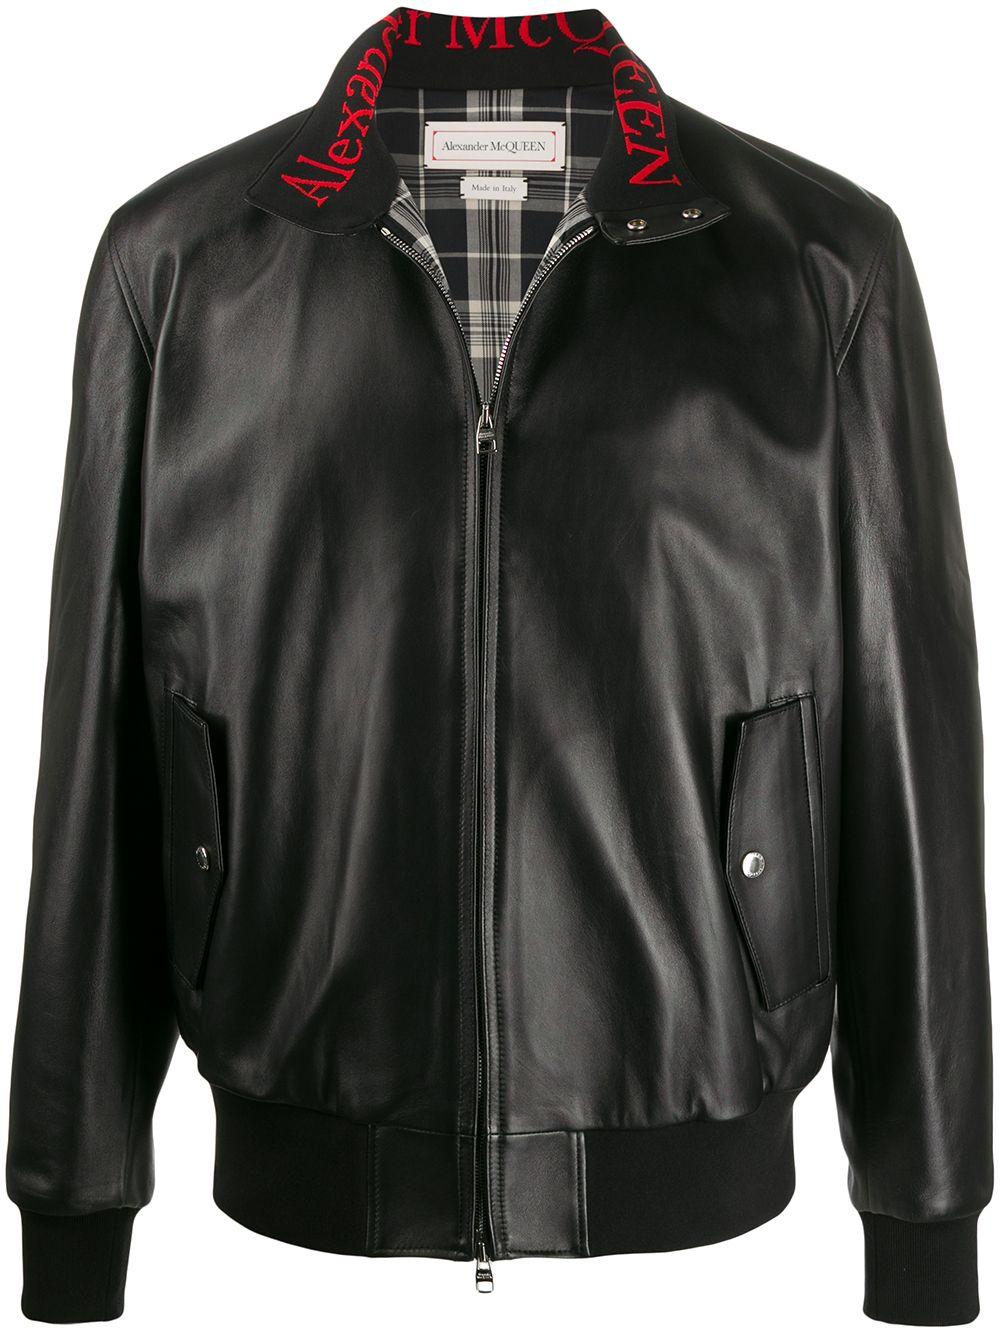 Leathe Jacket